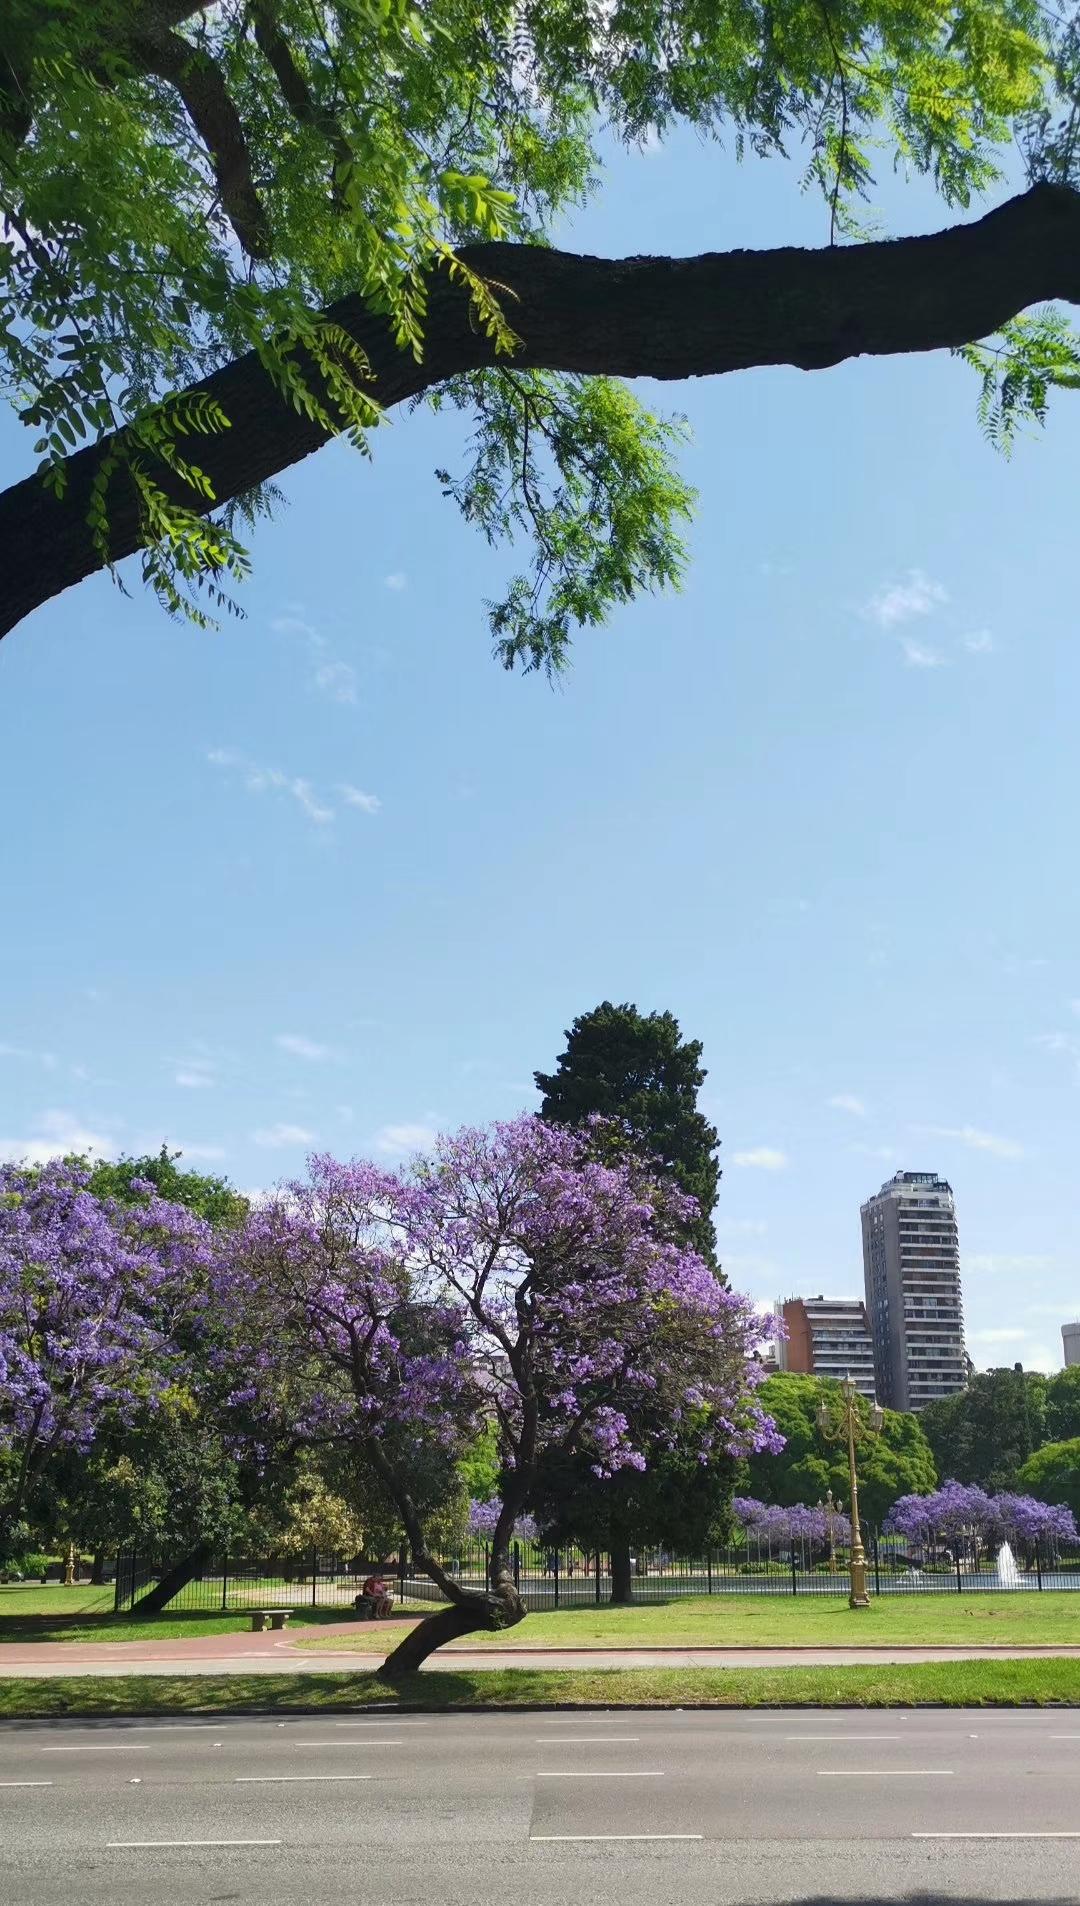 布宜诺斯艾利斯,街景,一个有传承的美丽城市。